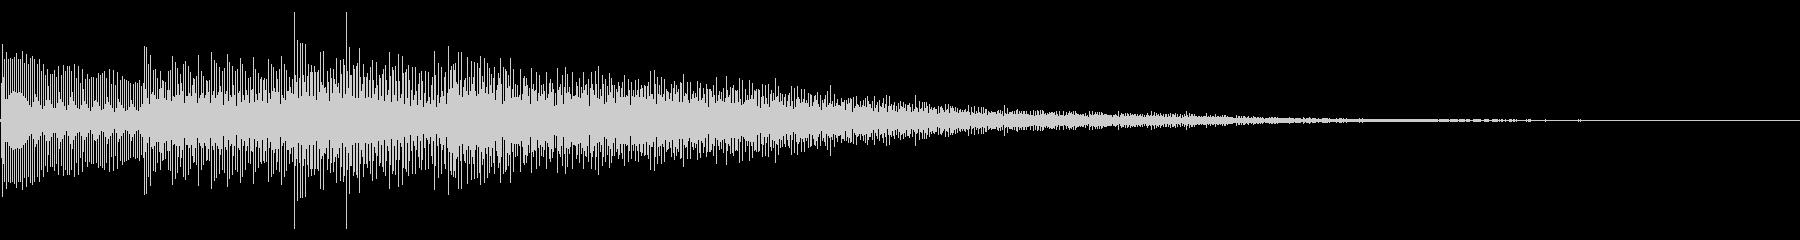 アイテム獲得の電子音の未再生の波形